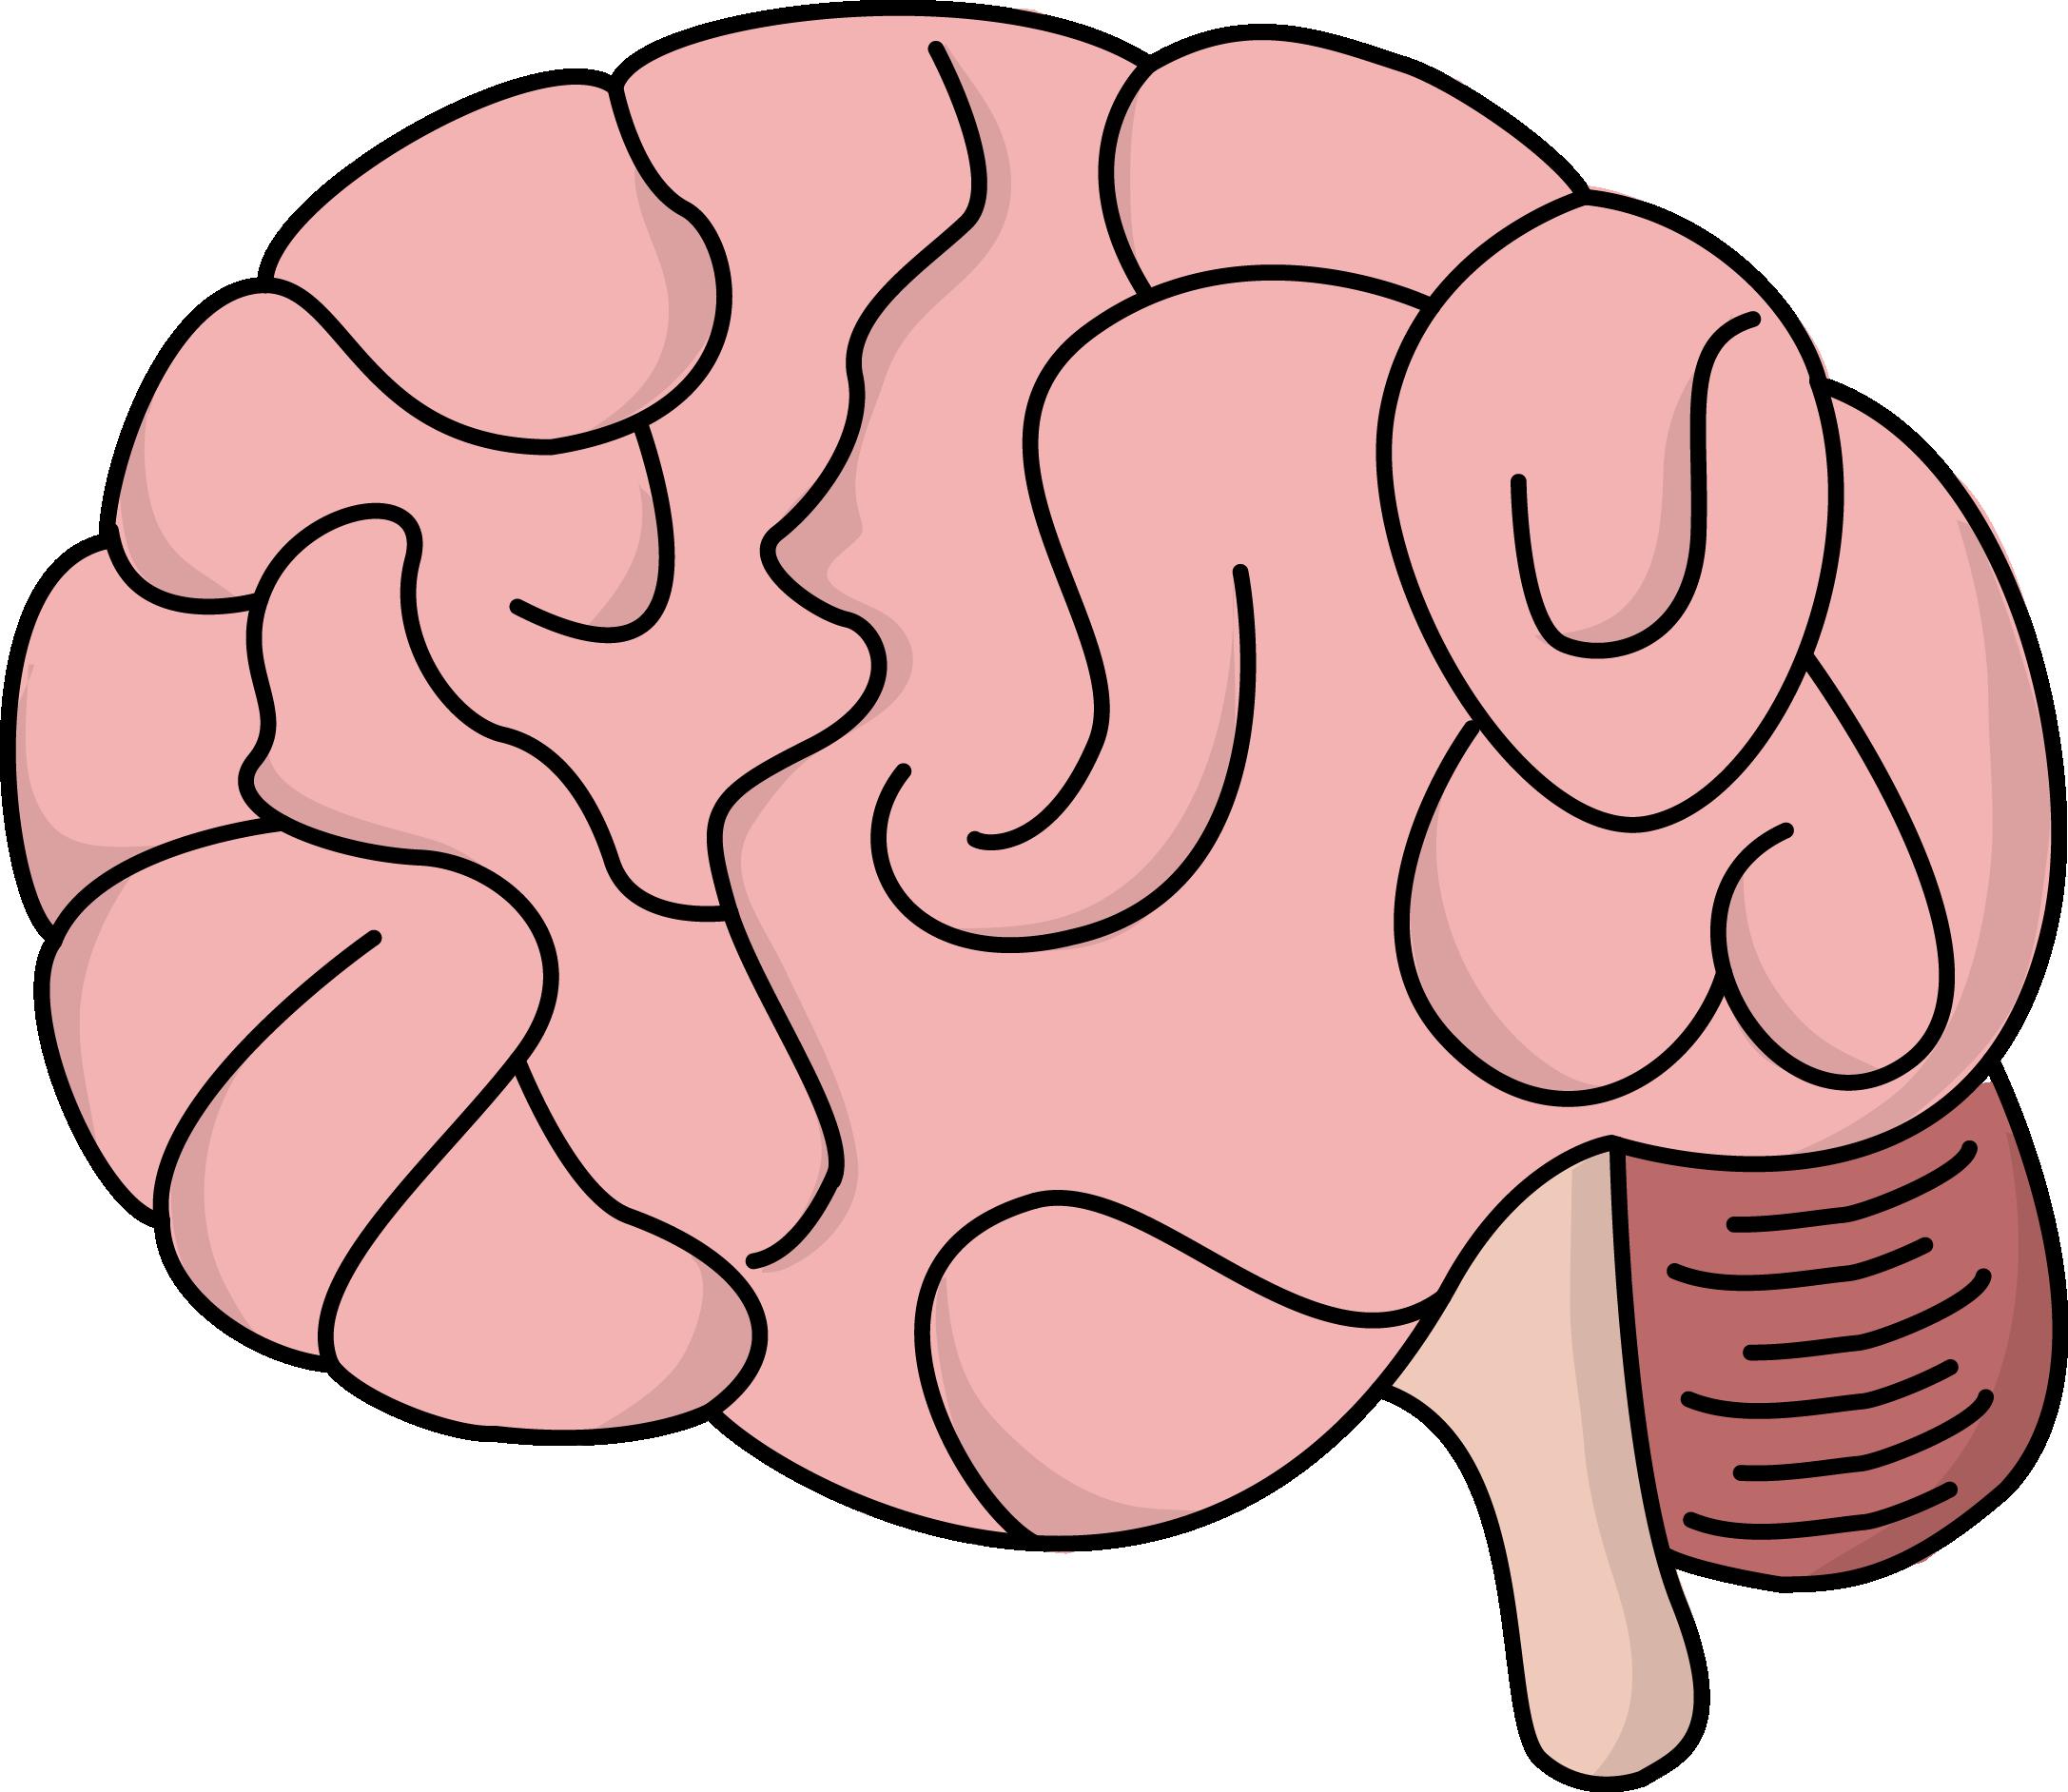 2174x1884 Brains Clipart Transparent